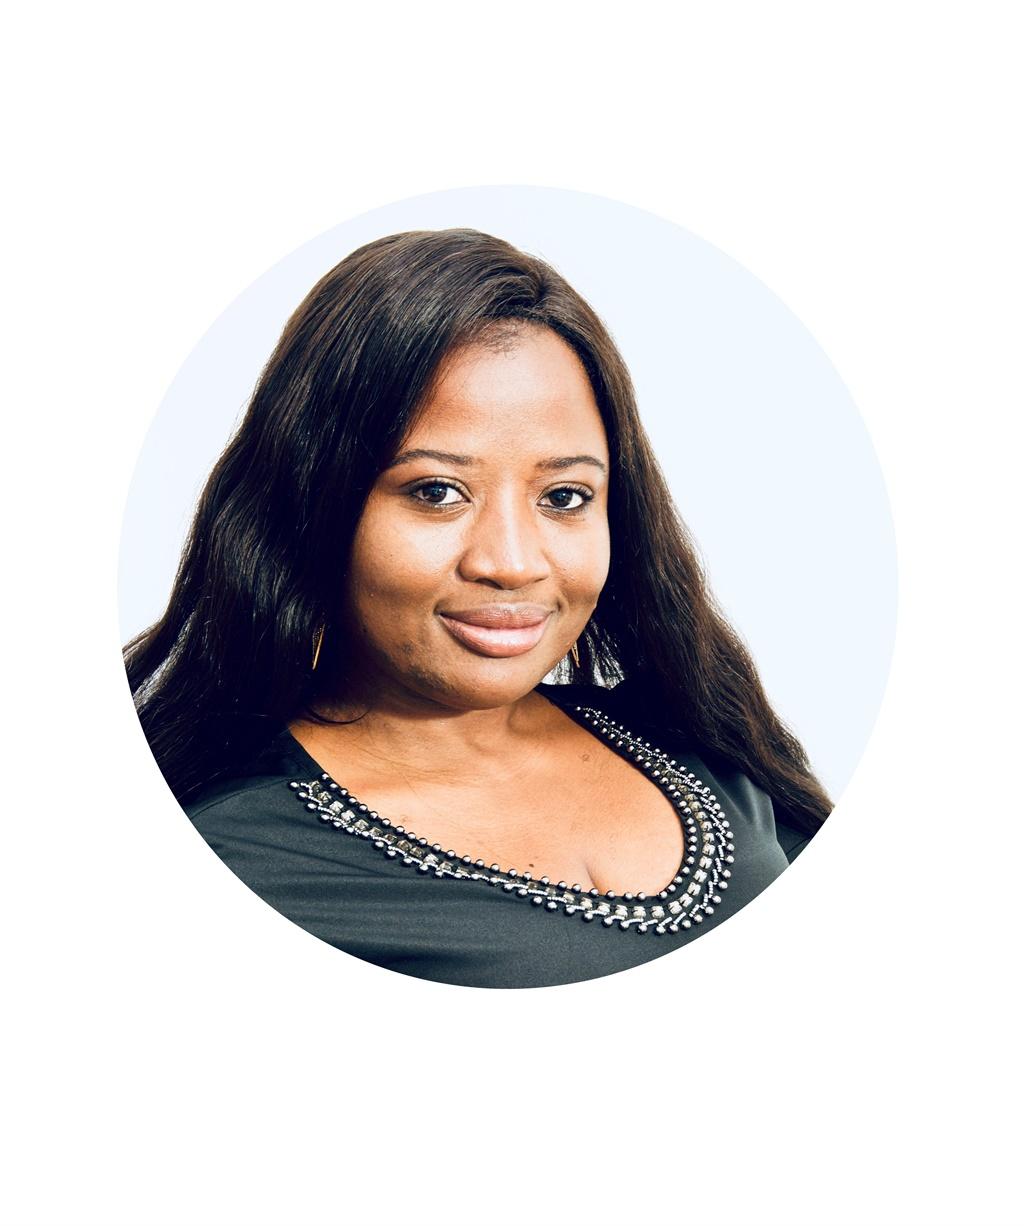 Nthabiseng Nhlapo